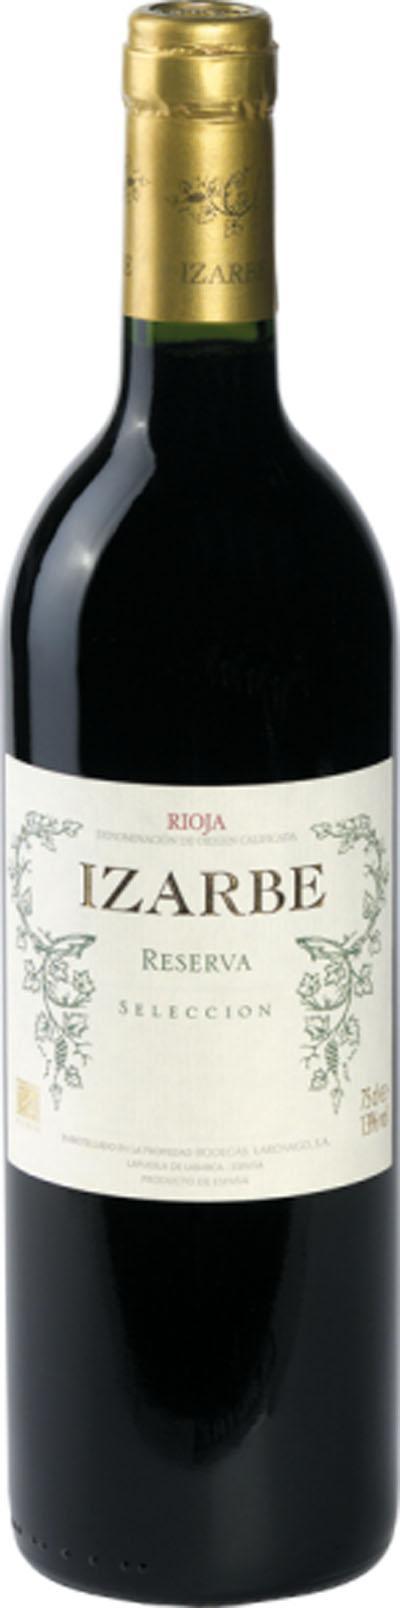 Izarbe, Rioja DOCa Reserva Seleccion 2011 / Bodegas Larchago